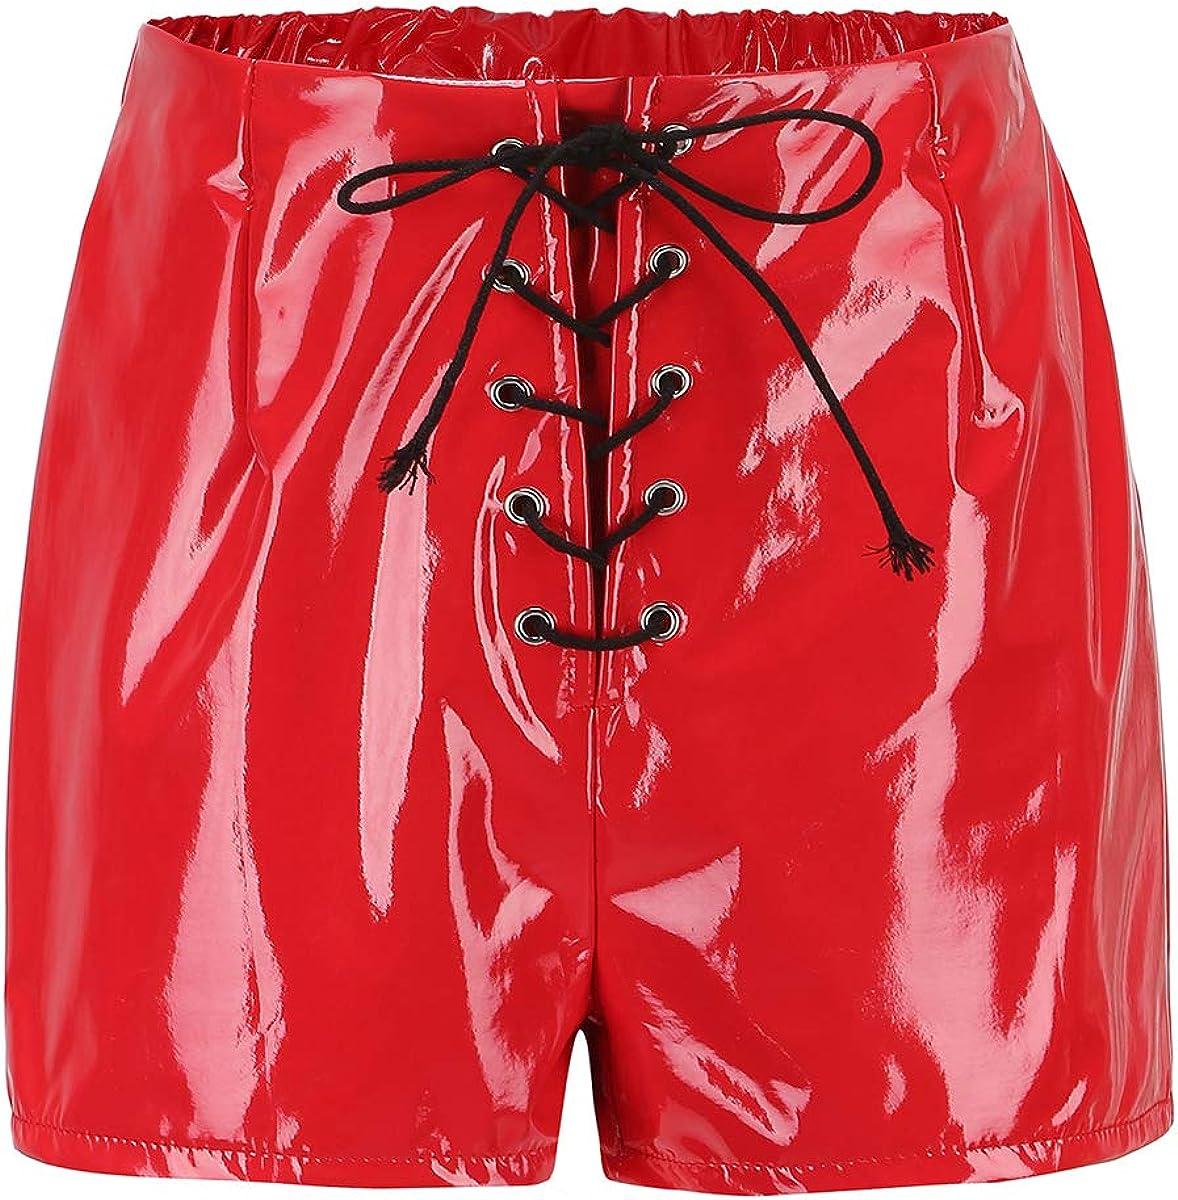 WQXD Pantalones Mujer Cintura Alta Pantalones Cuero PU Pantalones Cortos sexys otoño Espejo Mujer Pantalones Cortos Aspecto Mojado Cuero Pantalones Cortos imitación Negros Cremallera Cuerda